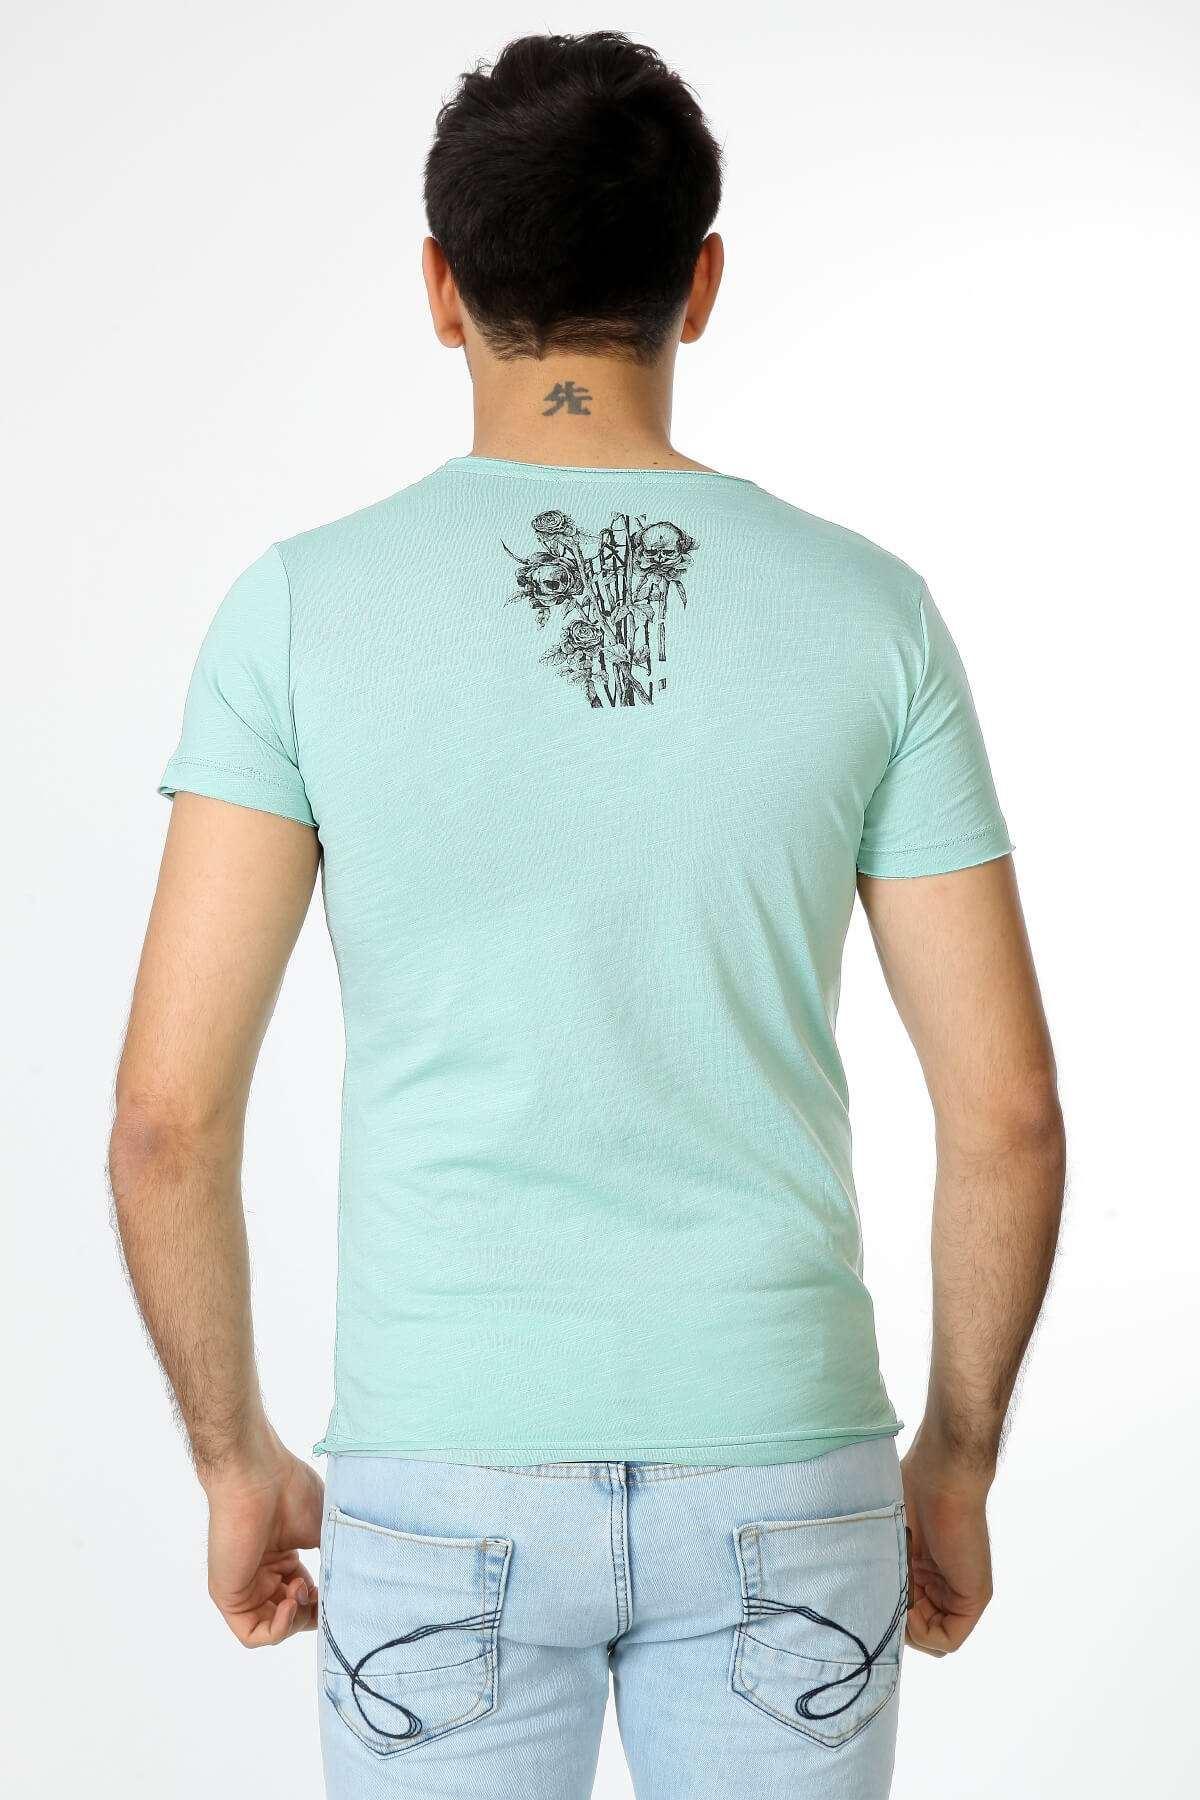 Cep Üstü Ve Sırt Kuru Kafa Tişört Mint